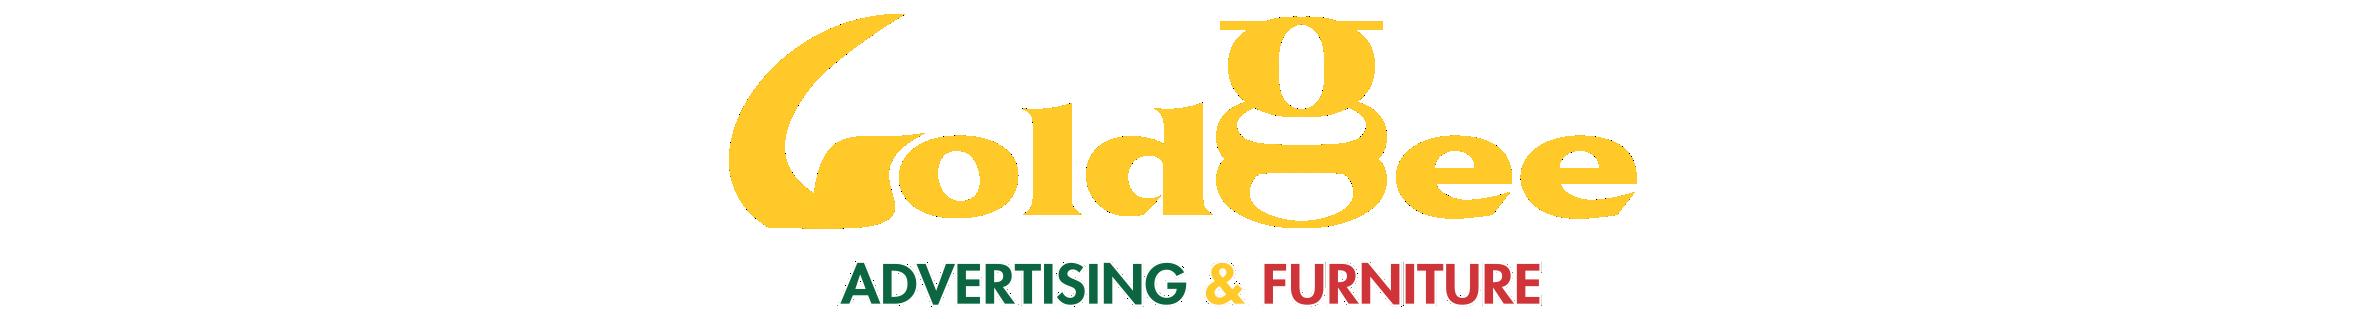 Quảng cao GoldBee